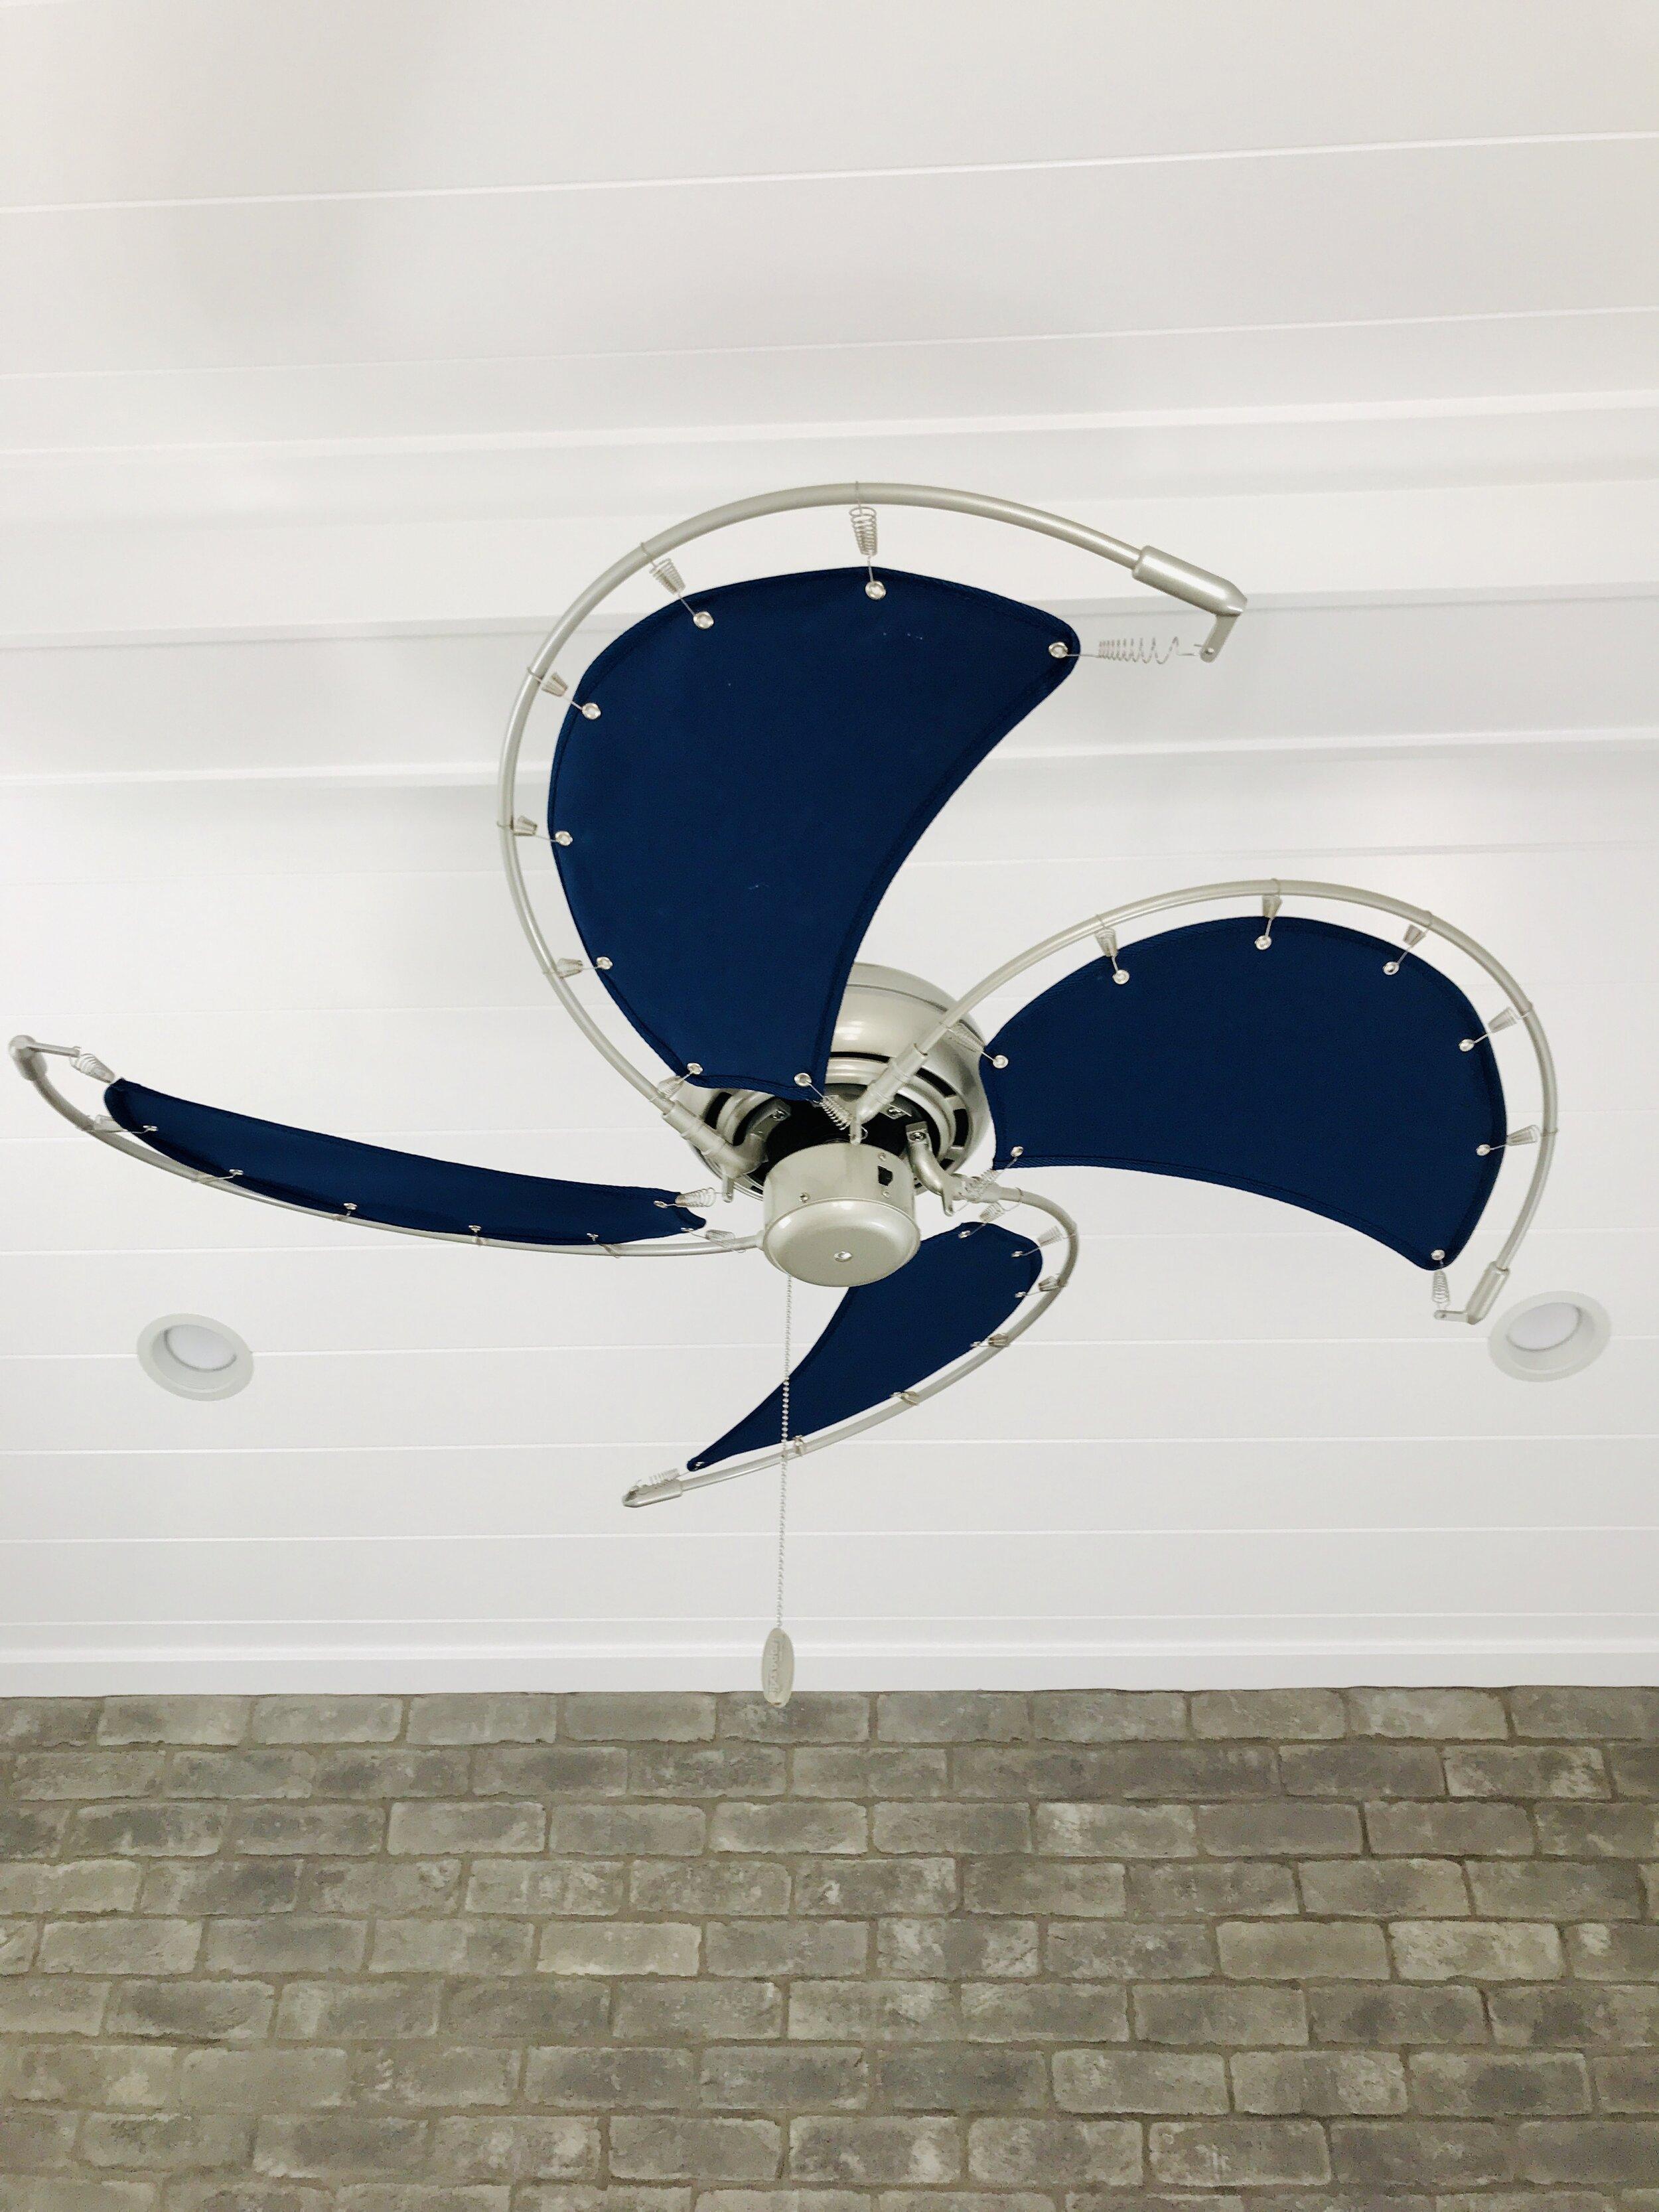 Coastal Dwelling_TroposAir Voyage Fan.jpg